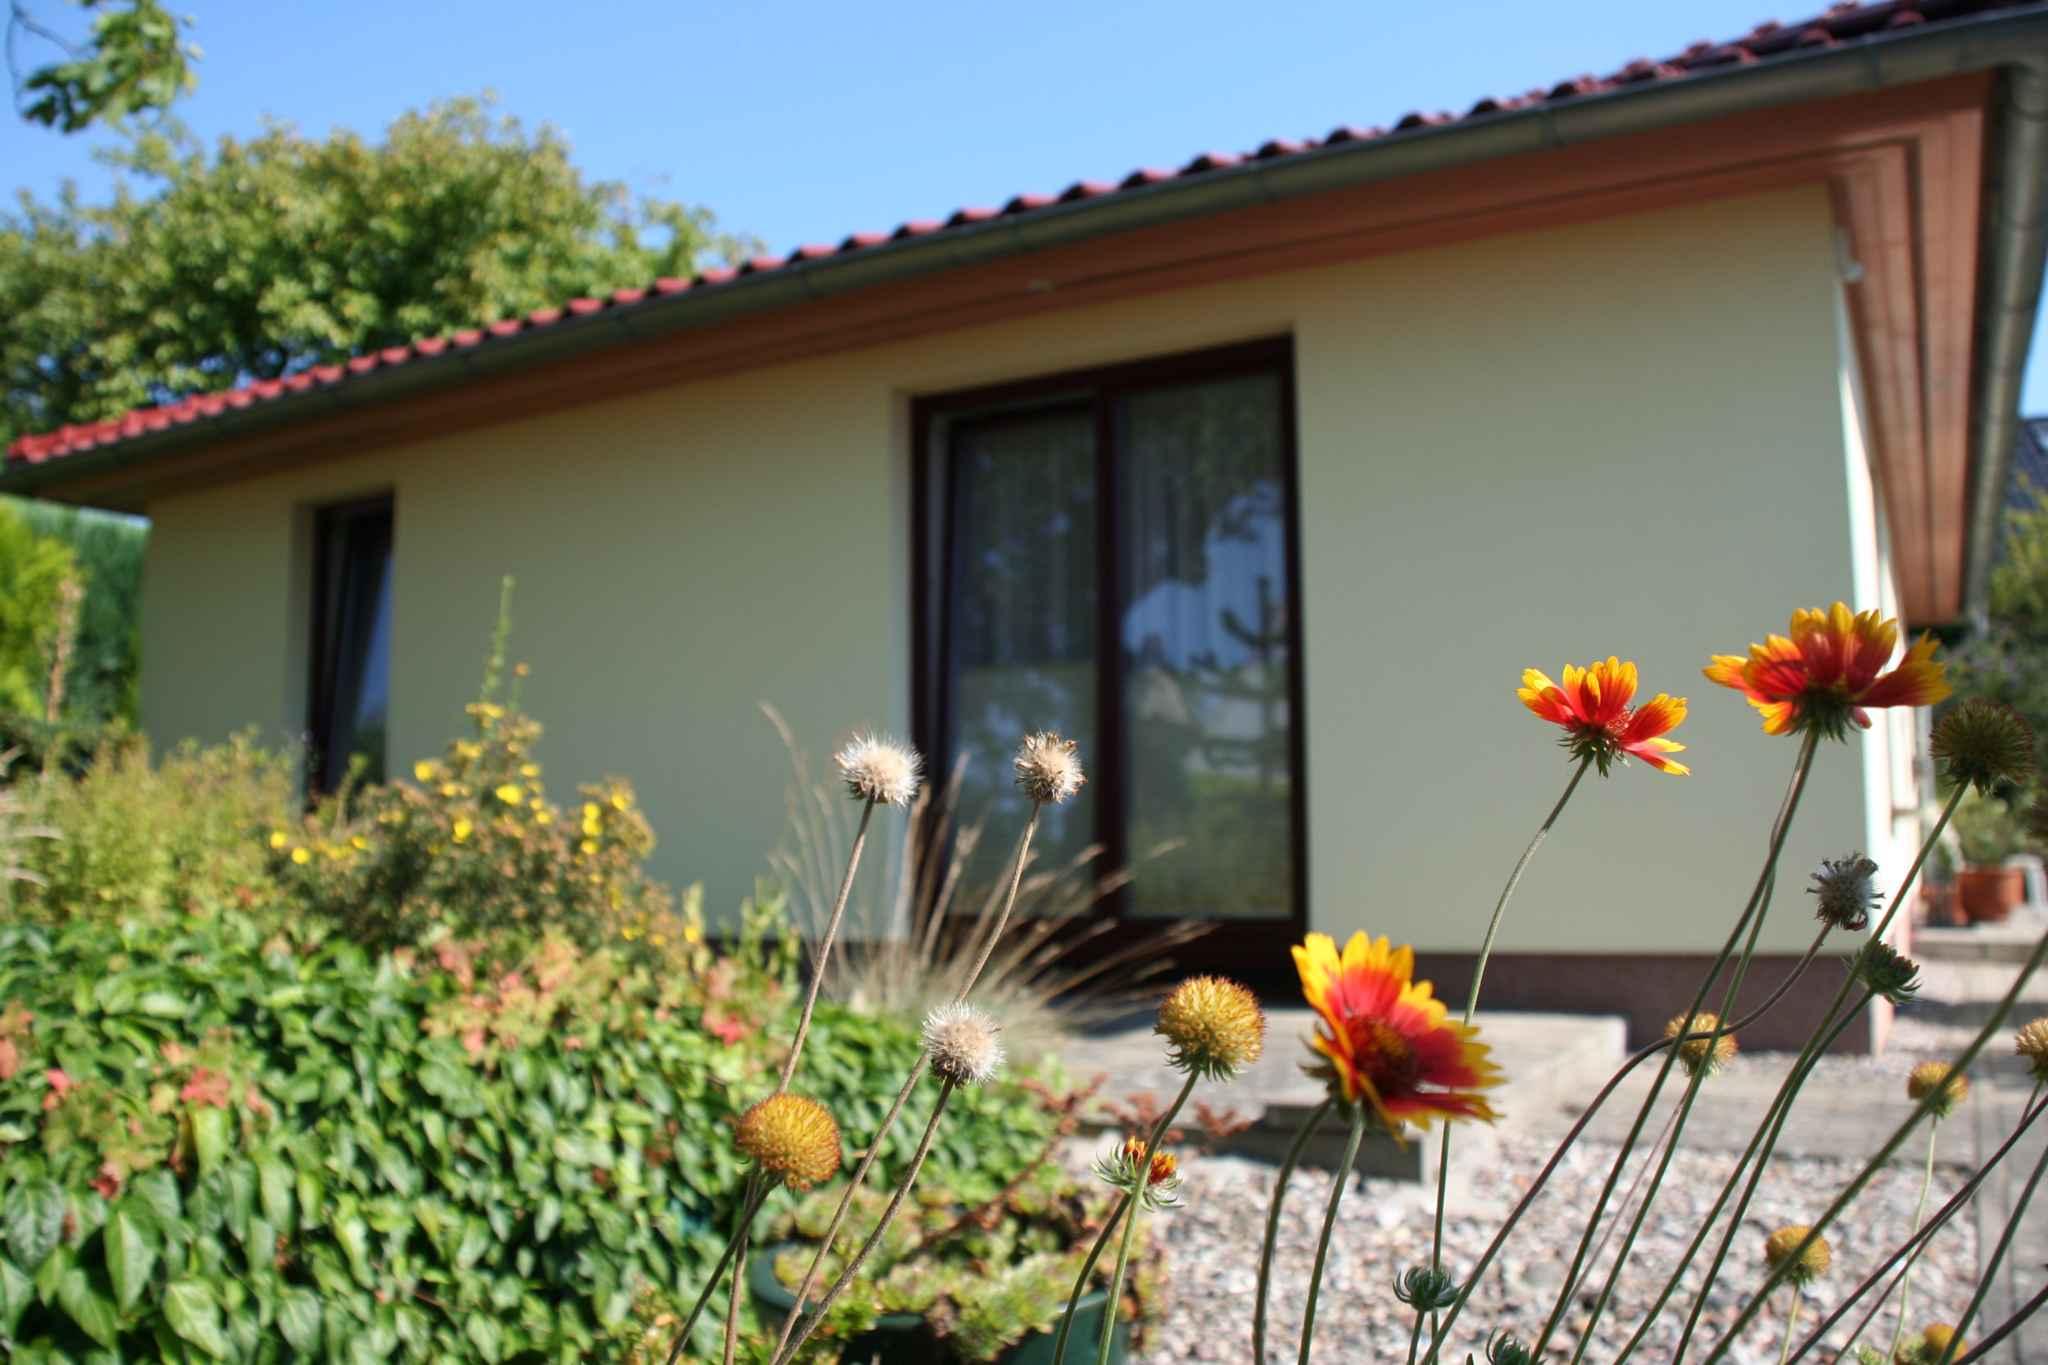 Ferienhaus Bungalow Ferienhaus mit Terrasse und Garten (358672), Bergen (Rügen), Rügen, Mecklenburg-Vorpommern, Deutschland, Bild 4